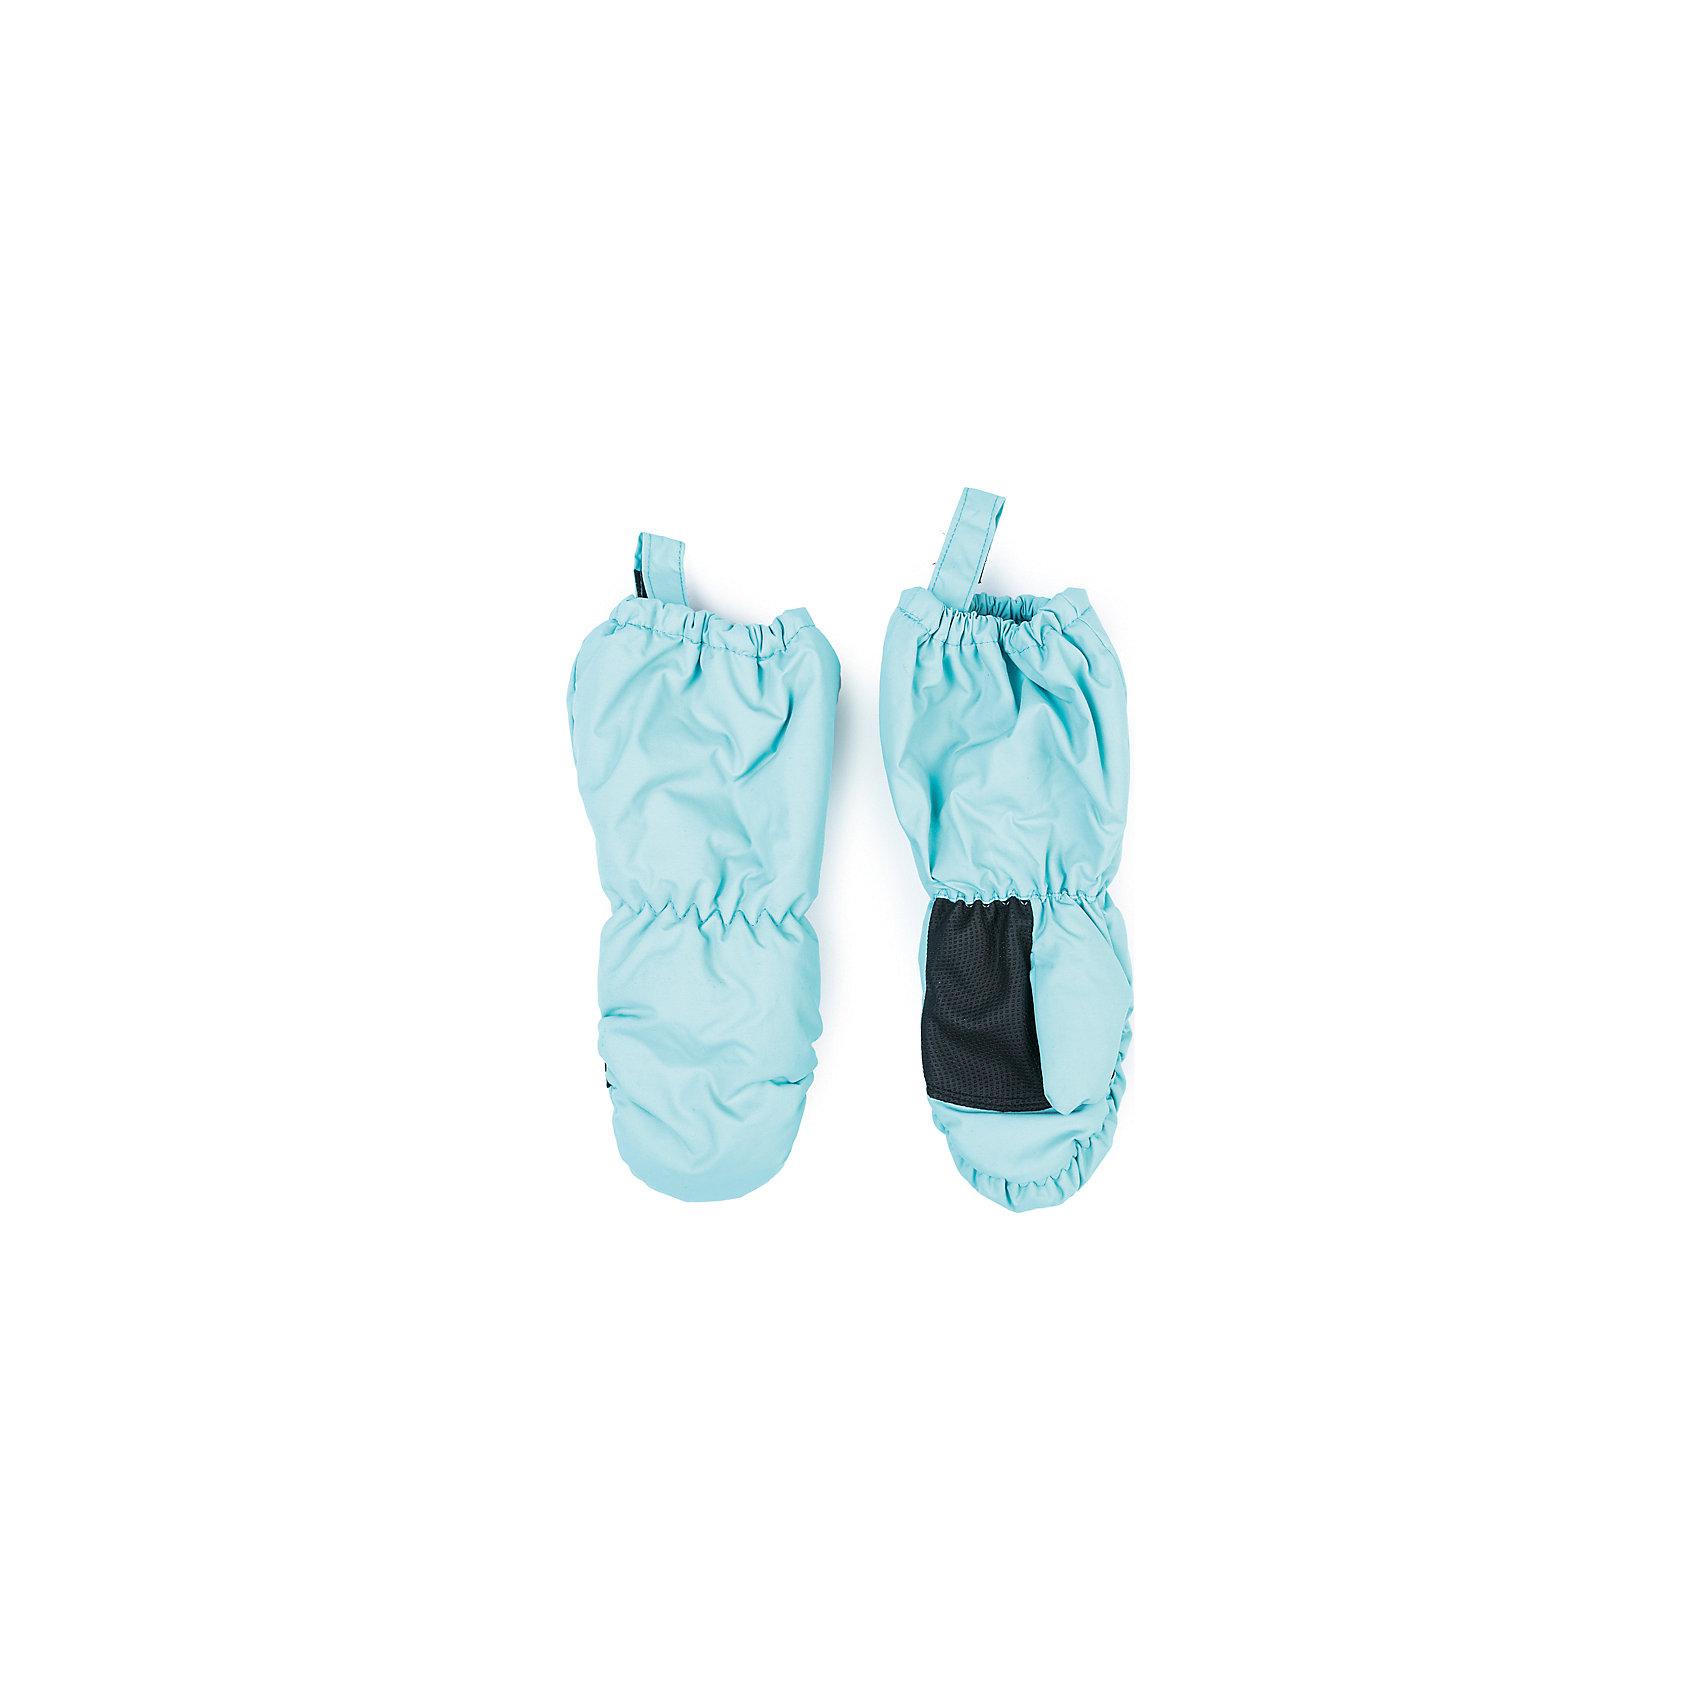 Варежки PlayToday для девочкиПерчатки, варежки<br>Варежки PlayToday для девочки<br>Теплые рукавицы из непромокаемого материала защитят руки ребенка при холодной погоде. Модель на подкладке из теплого флиса. Удлиненные запястья дополнены резинками для дополнительного сохранения тепла.<br>Состав:<br>Верх: 100% полиэстер, Подкладка: 100% полиэстер, Наполнитель: 100% полиэстер<br><br>Ширина мм: 162<br>Глубина мм: 171<br>Высота мм: 55<br>Вес г: 119<br>Цвет: белый<br>Возраст от месяцев: 84<br>Возраст до месяцев: 96<br>Пол: Женский<br>Возраст: Детский<br>Размер: 4,2,3<br>SKU: 7106159